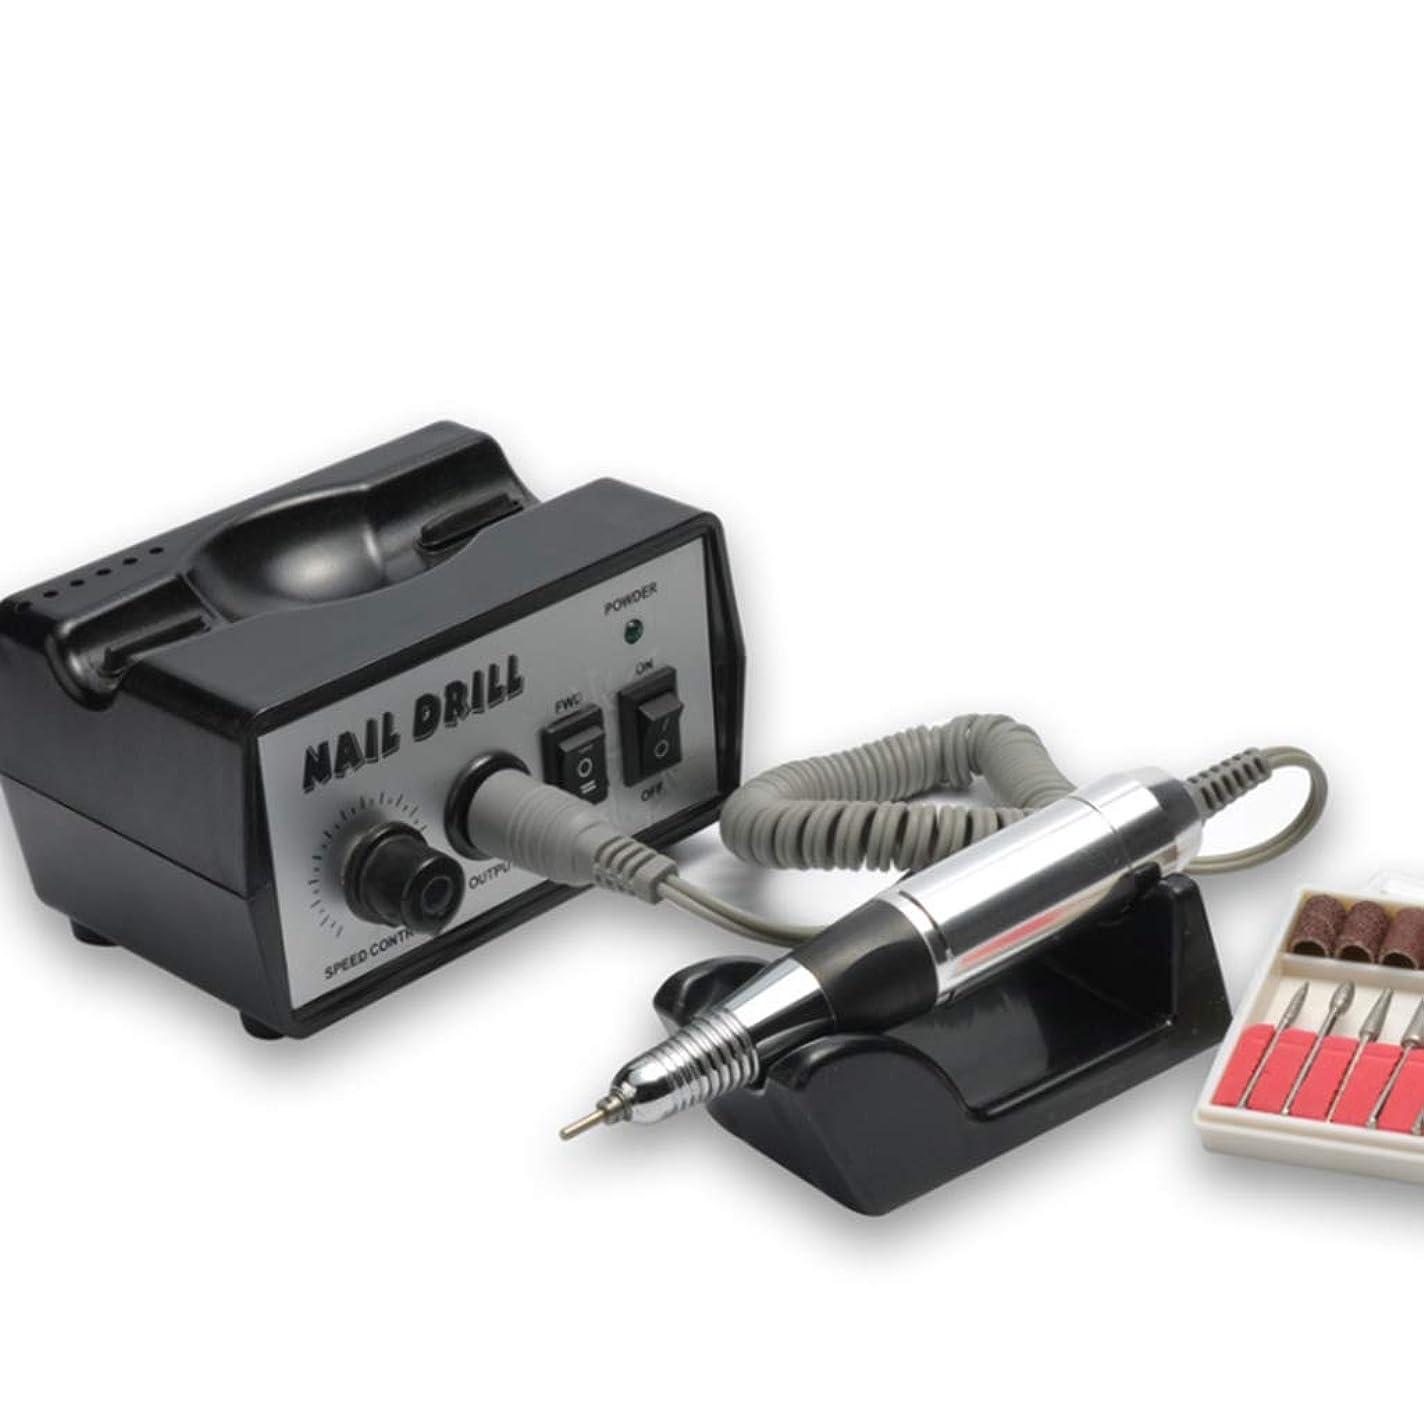 ネイルマシン 卓上式 電動 プロ セルフ 正逆回転 ジェルネイルオフ ネイルケア道具 ネイルドリル ネイルマシーン 爪手入れツール 2.5万回転/分,Black